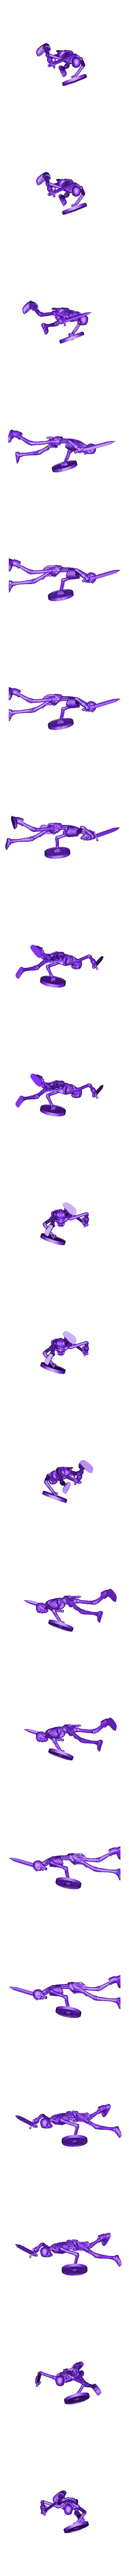 SkeletonWarrior1V2_SOLID.stl Descargar archivo STL Sekeltons - 28mm D&D Miniaturas • Diseño para impresión en 3D, pyrokahd